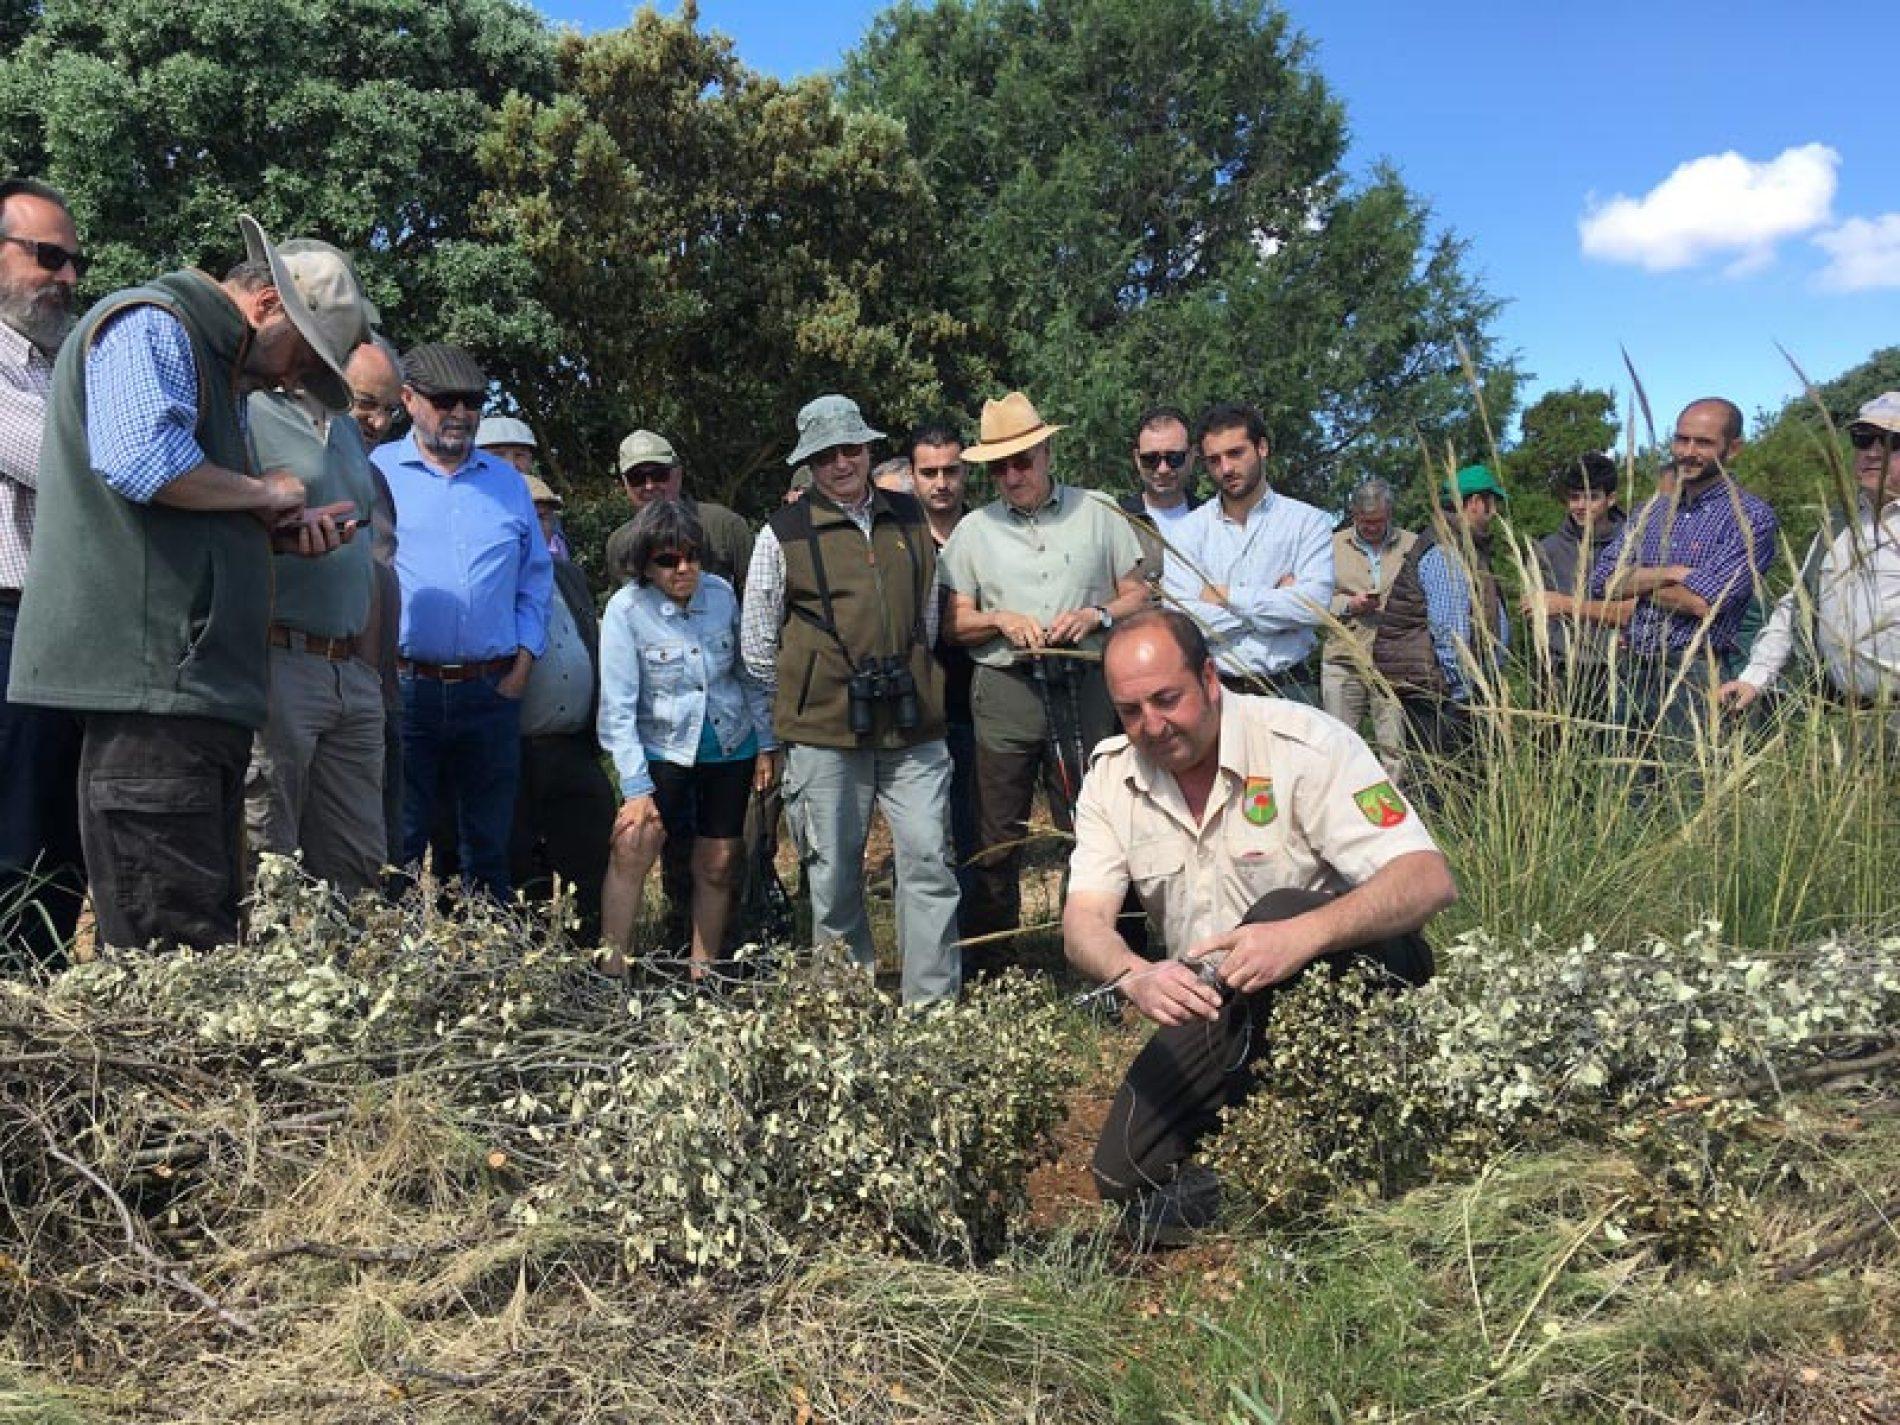 El Grupo Perdicero de Castilla-La Mancha realiza con éxito un 'Paseo de Caza'